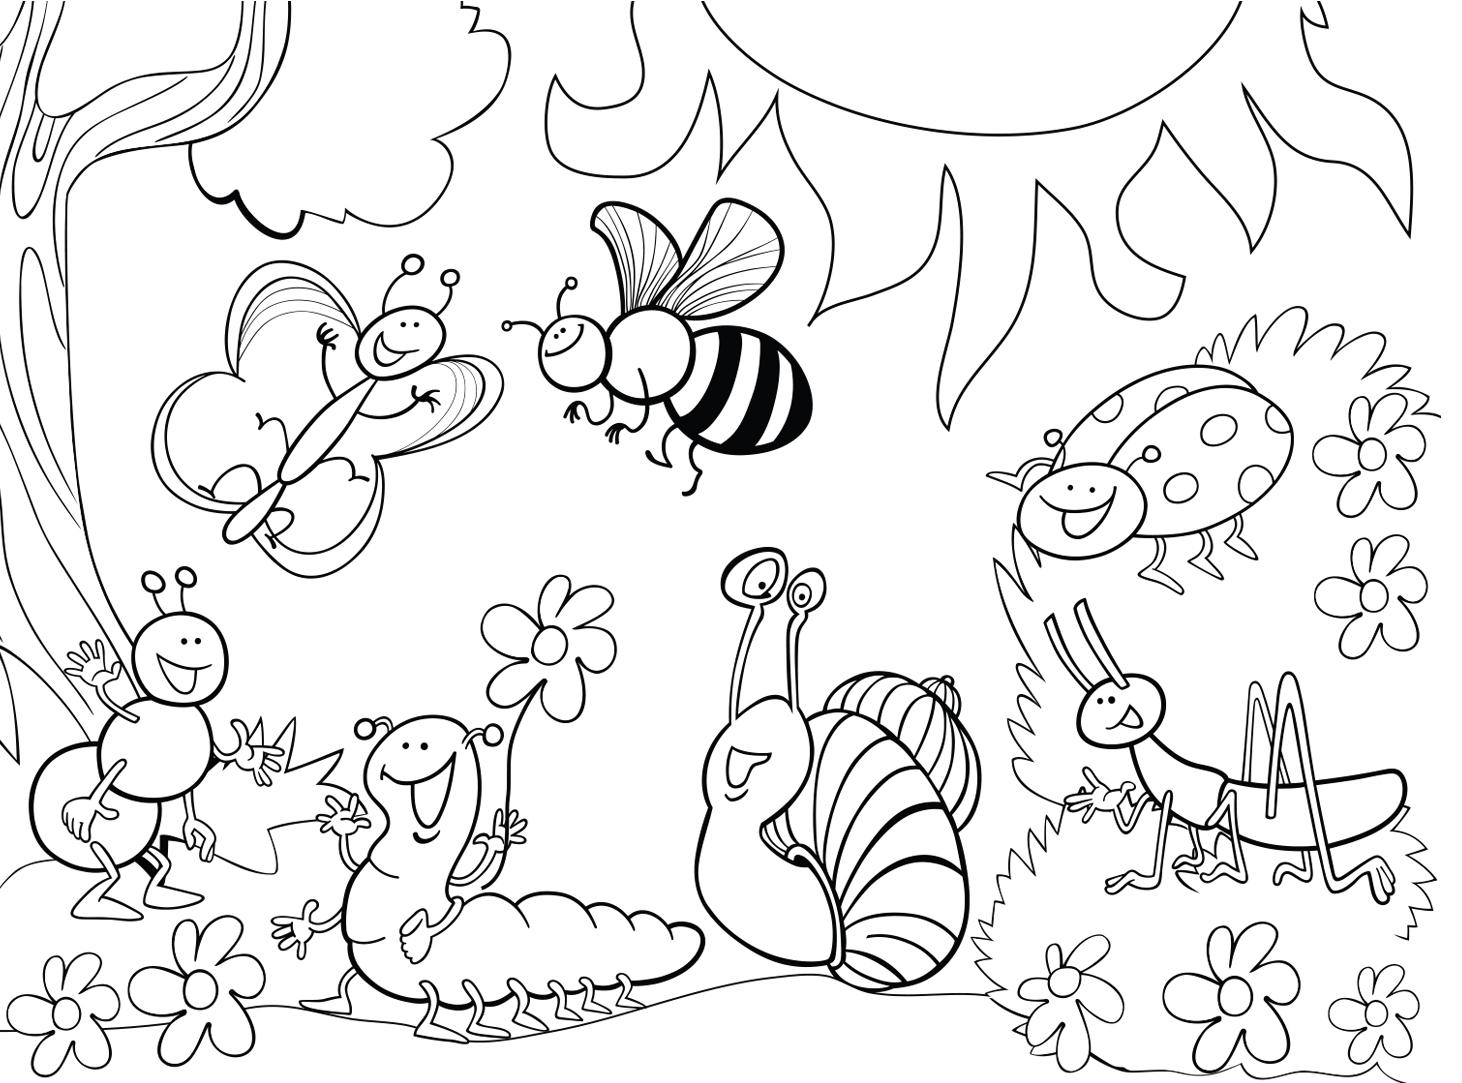 garden coloring pages printable garden critters coloring page crayolacom garden pages printable coloring